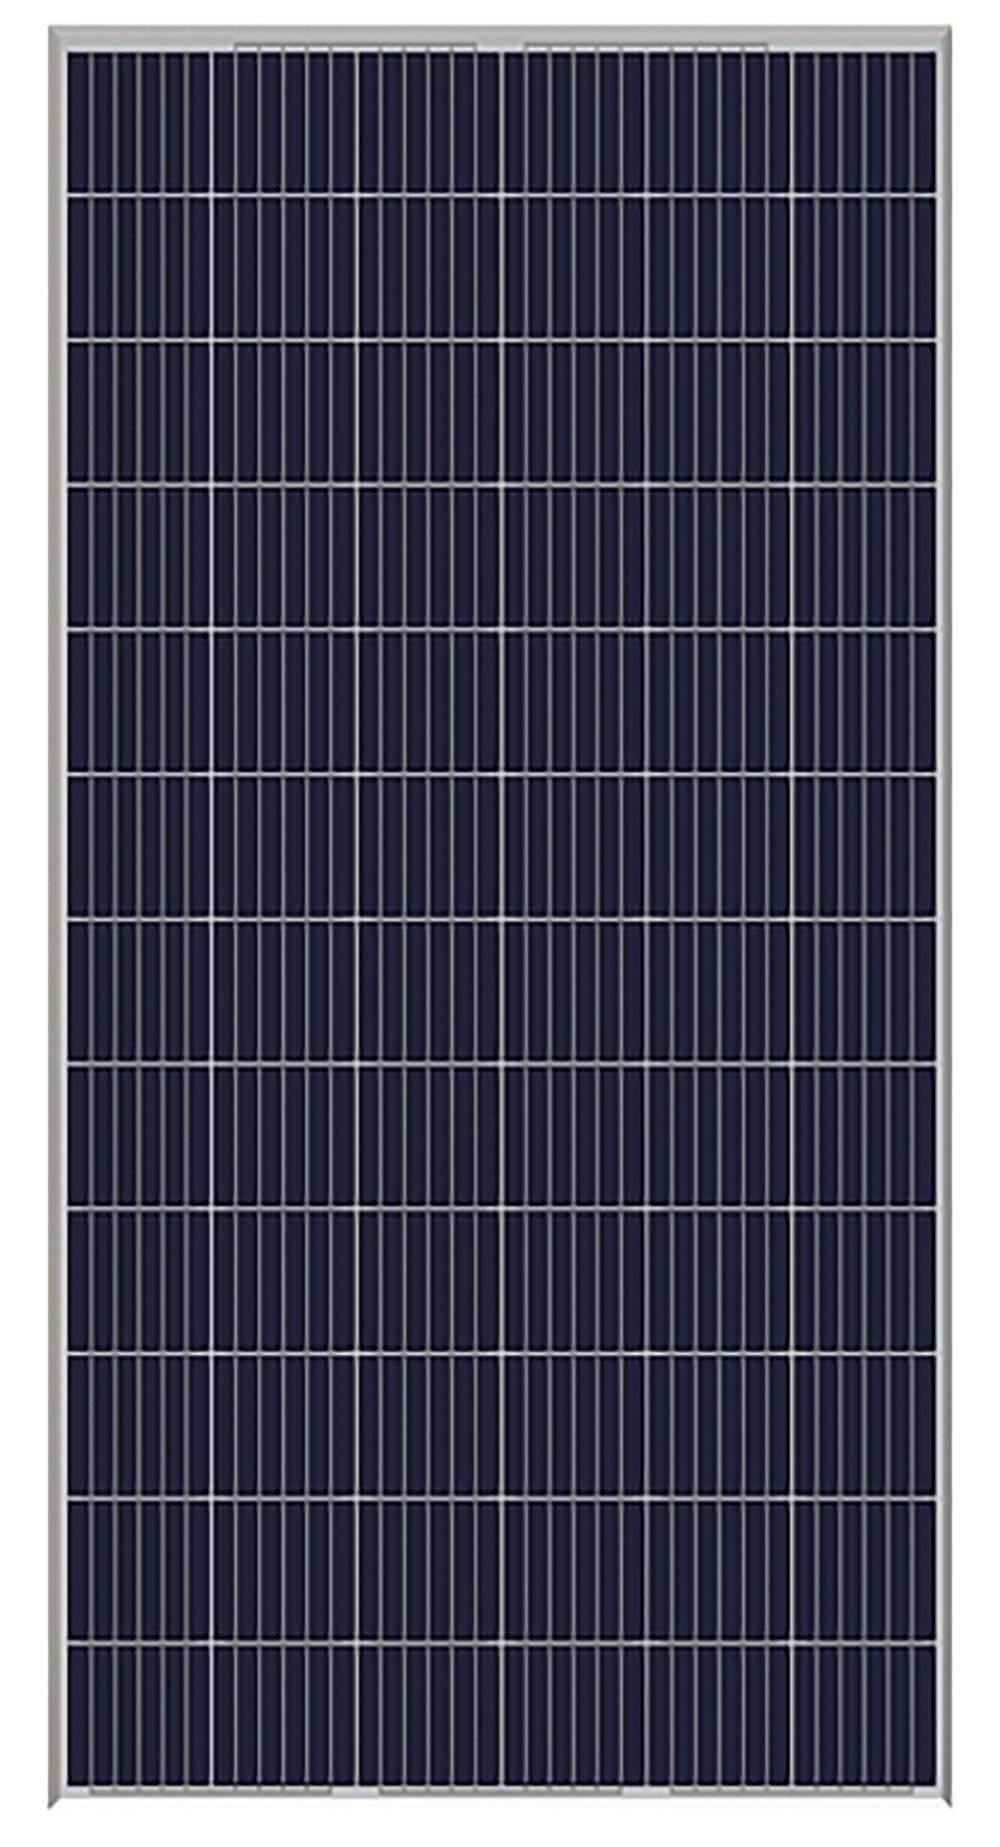 แผงโซล่าเซลล์ แบบโพลี Astronergy ขนาด 320วัตต์ By J.t.n. Energy Company Limited.